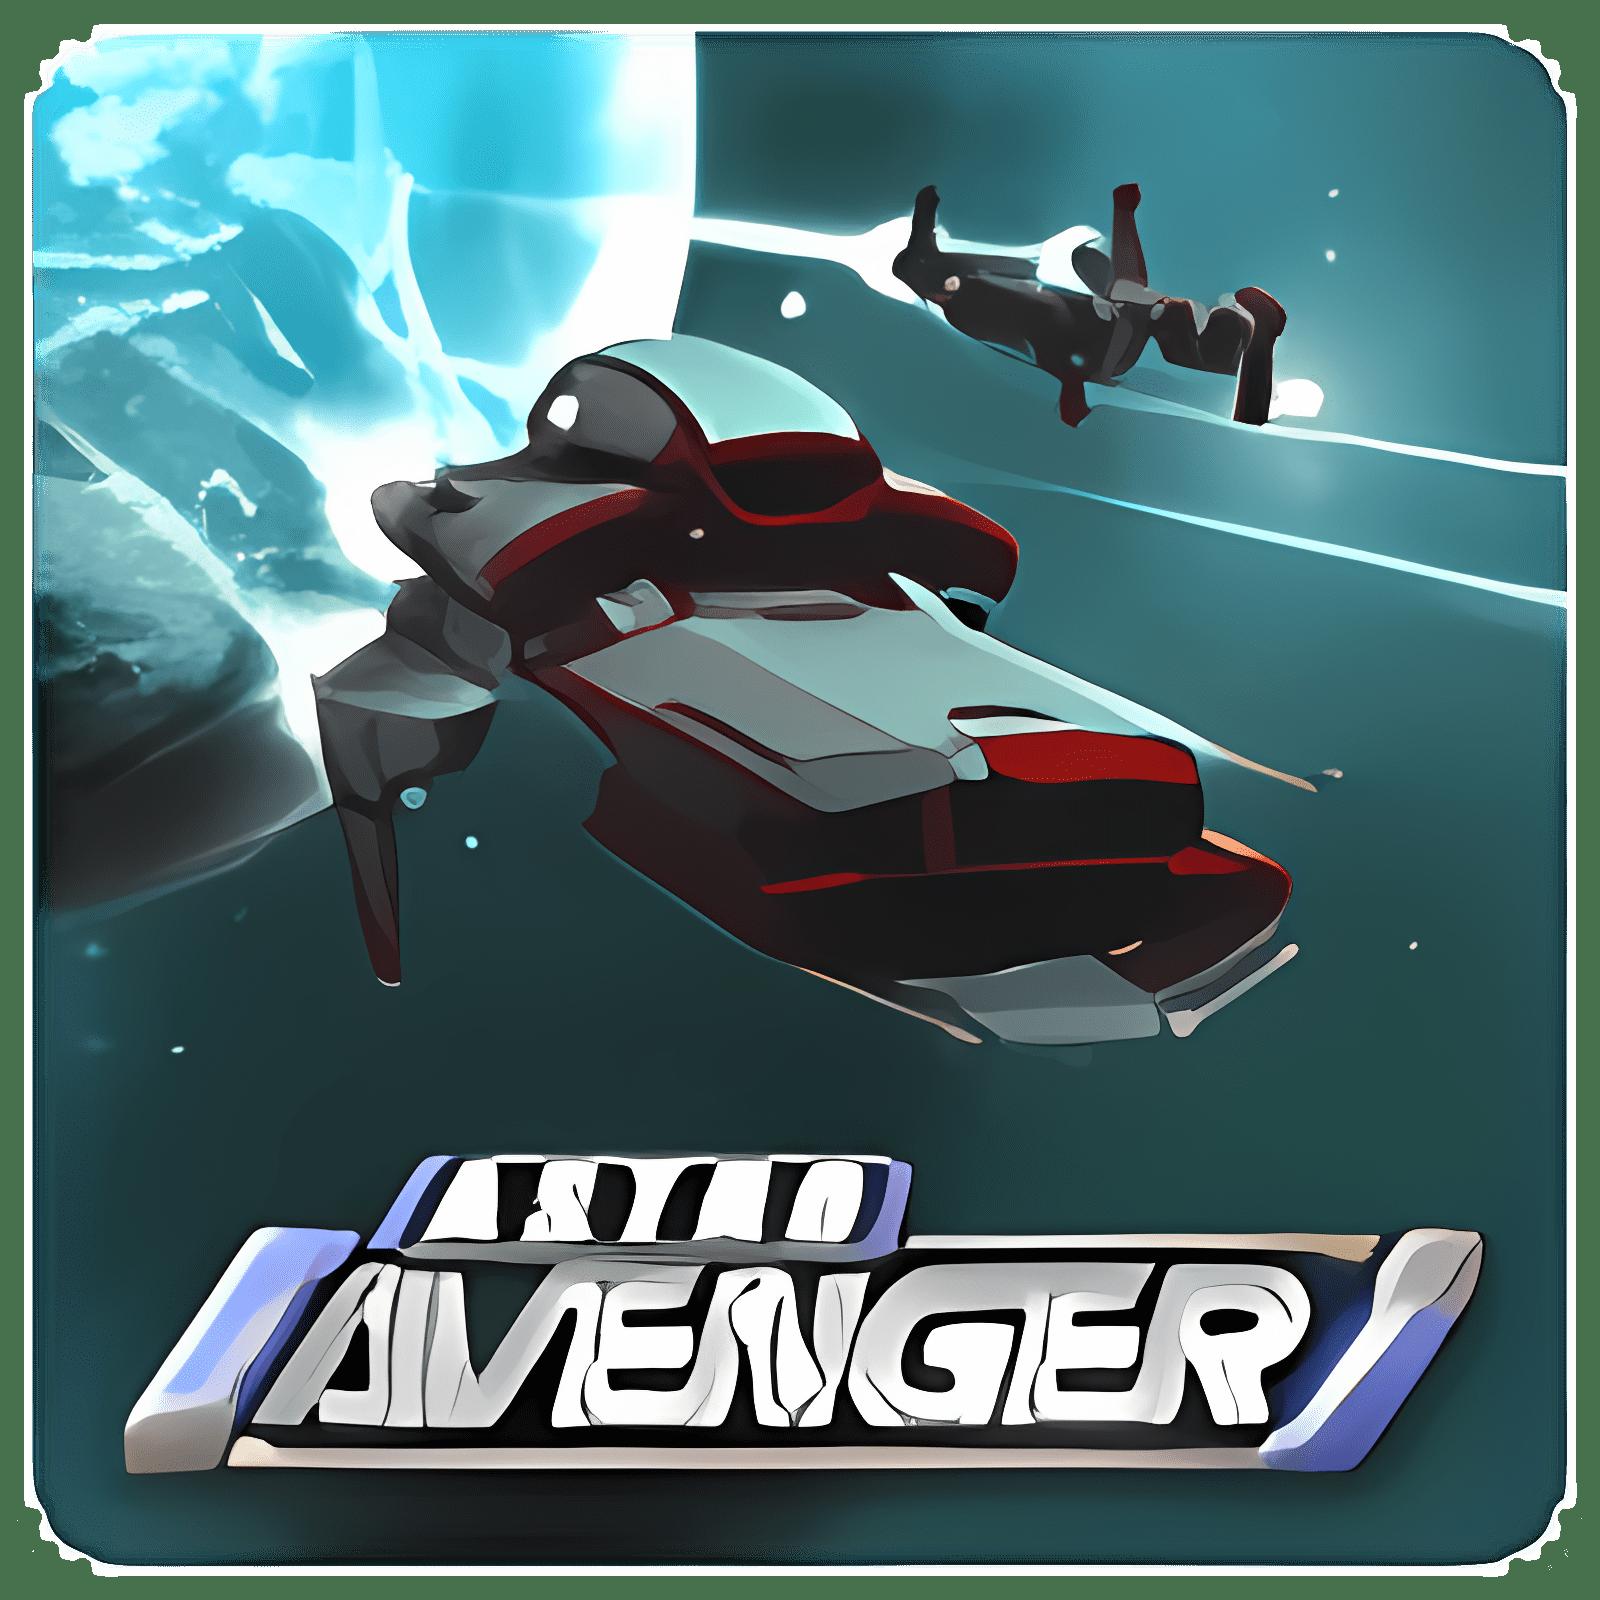 Astro Avenger